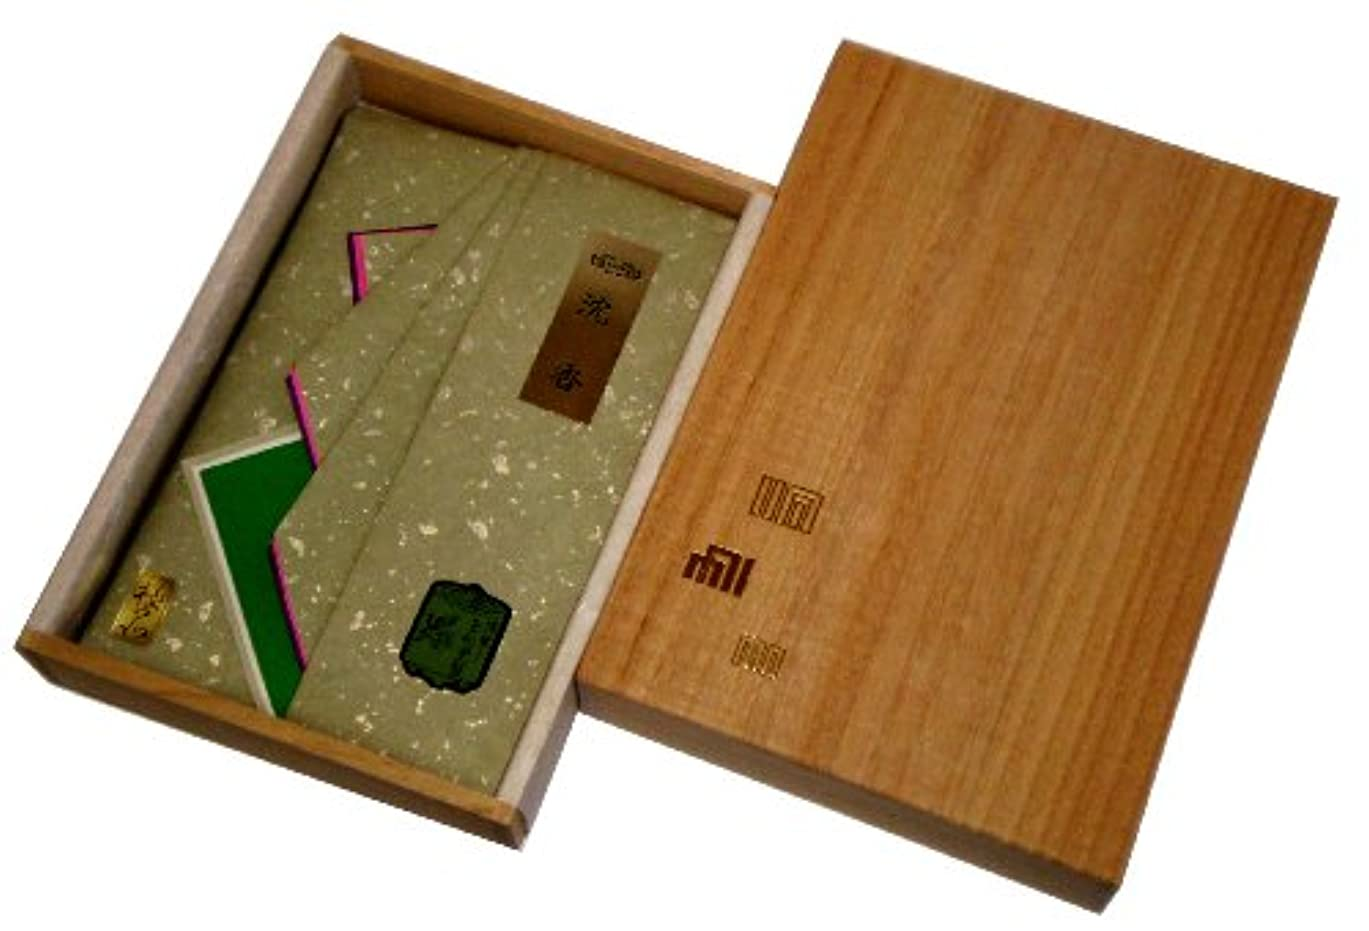 ブランチ強打こどもの宮殿玉初堂のお香 極品沈香30g タトウ紙包み 桐箱仕立 #485